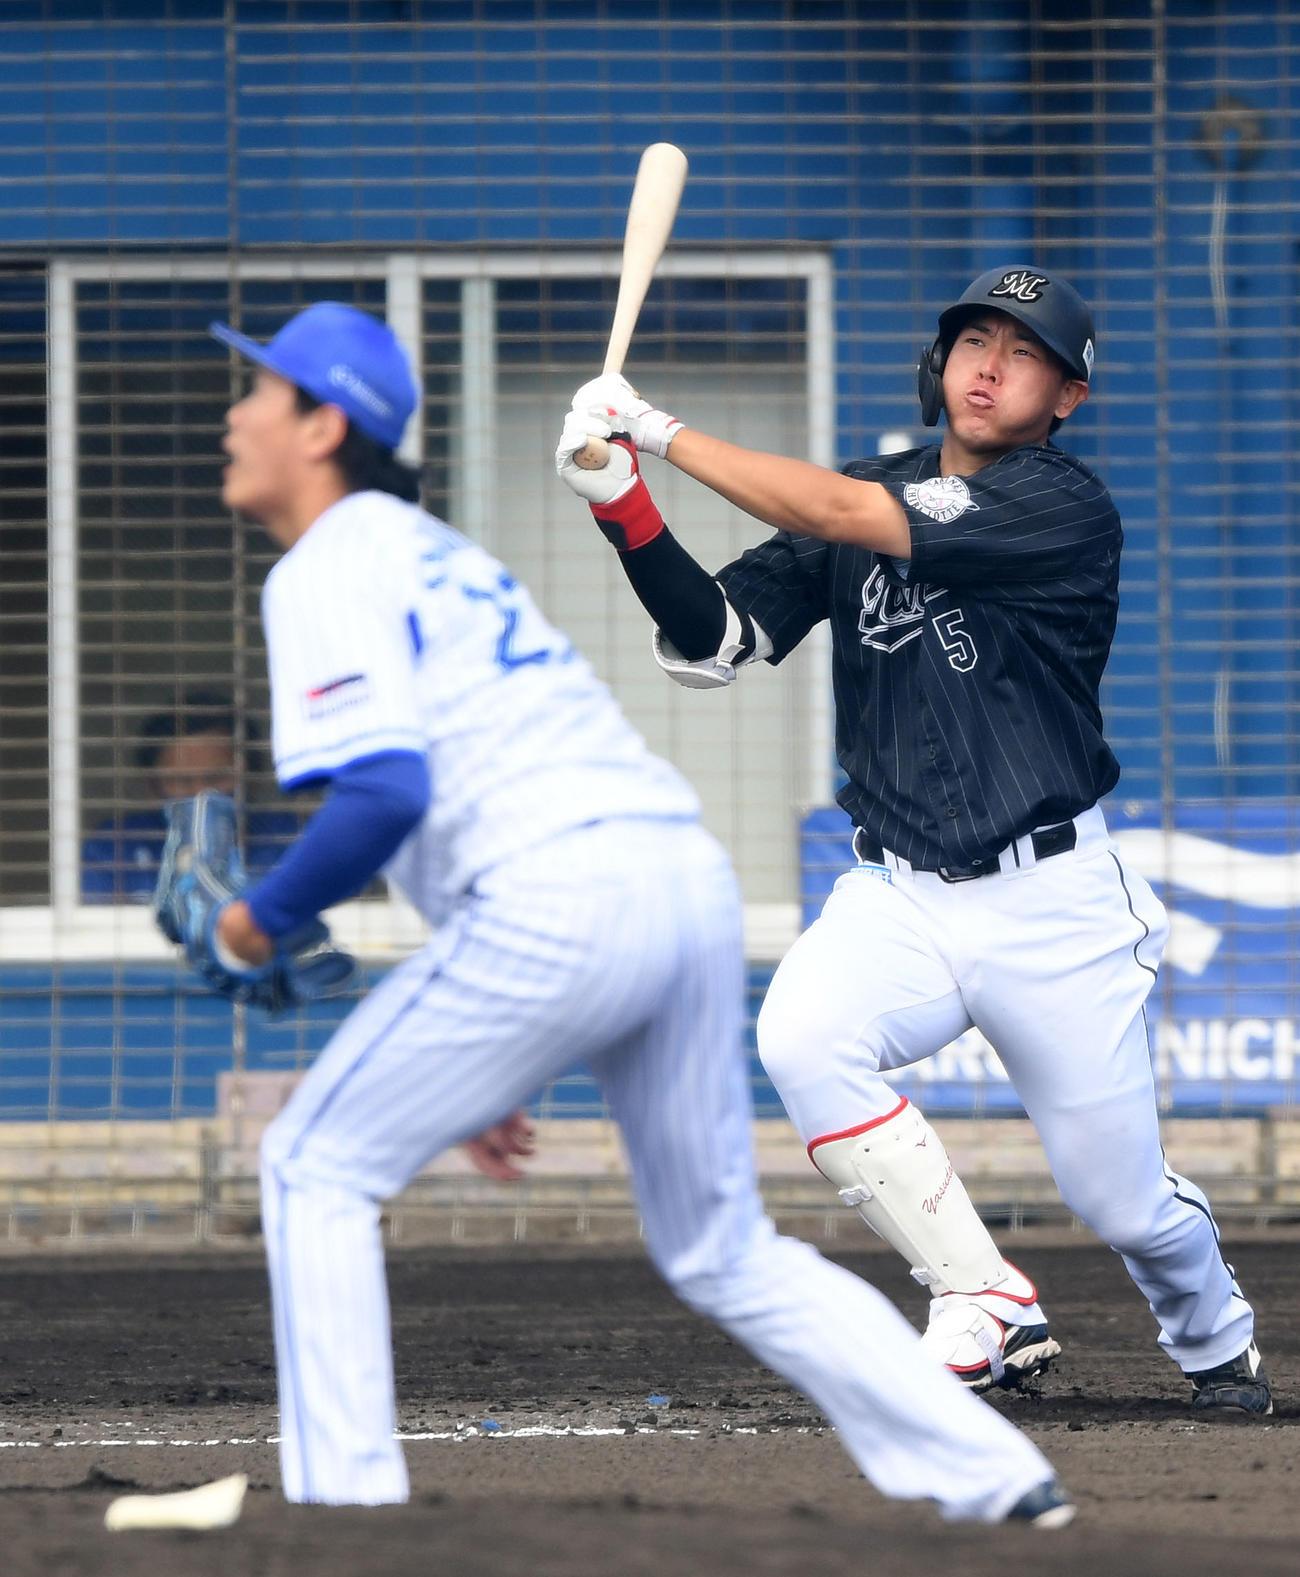 DeNA対ロッテ 3回表ロッテ2死、右中間へ本塁打を放つ安田。投手上茶谷(撮影・横山健太)